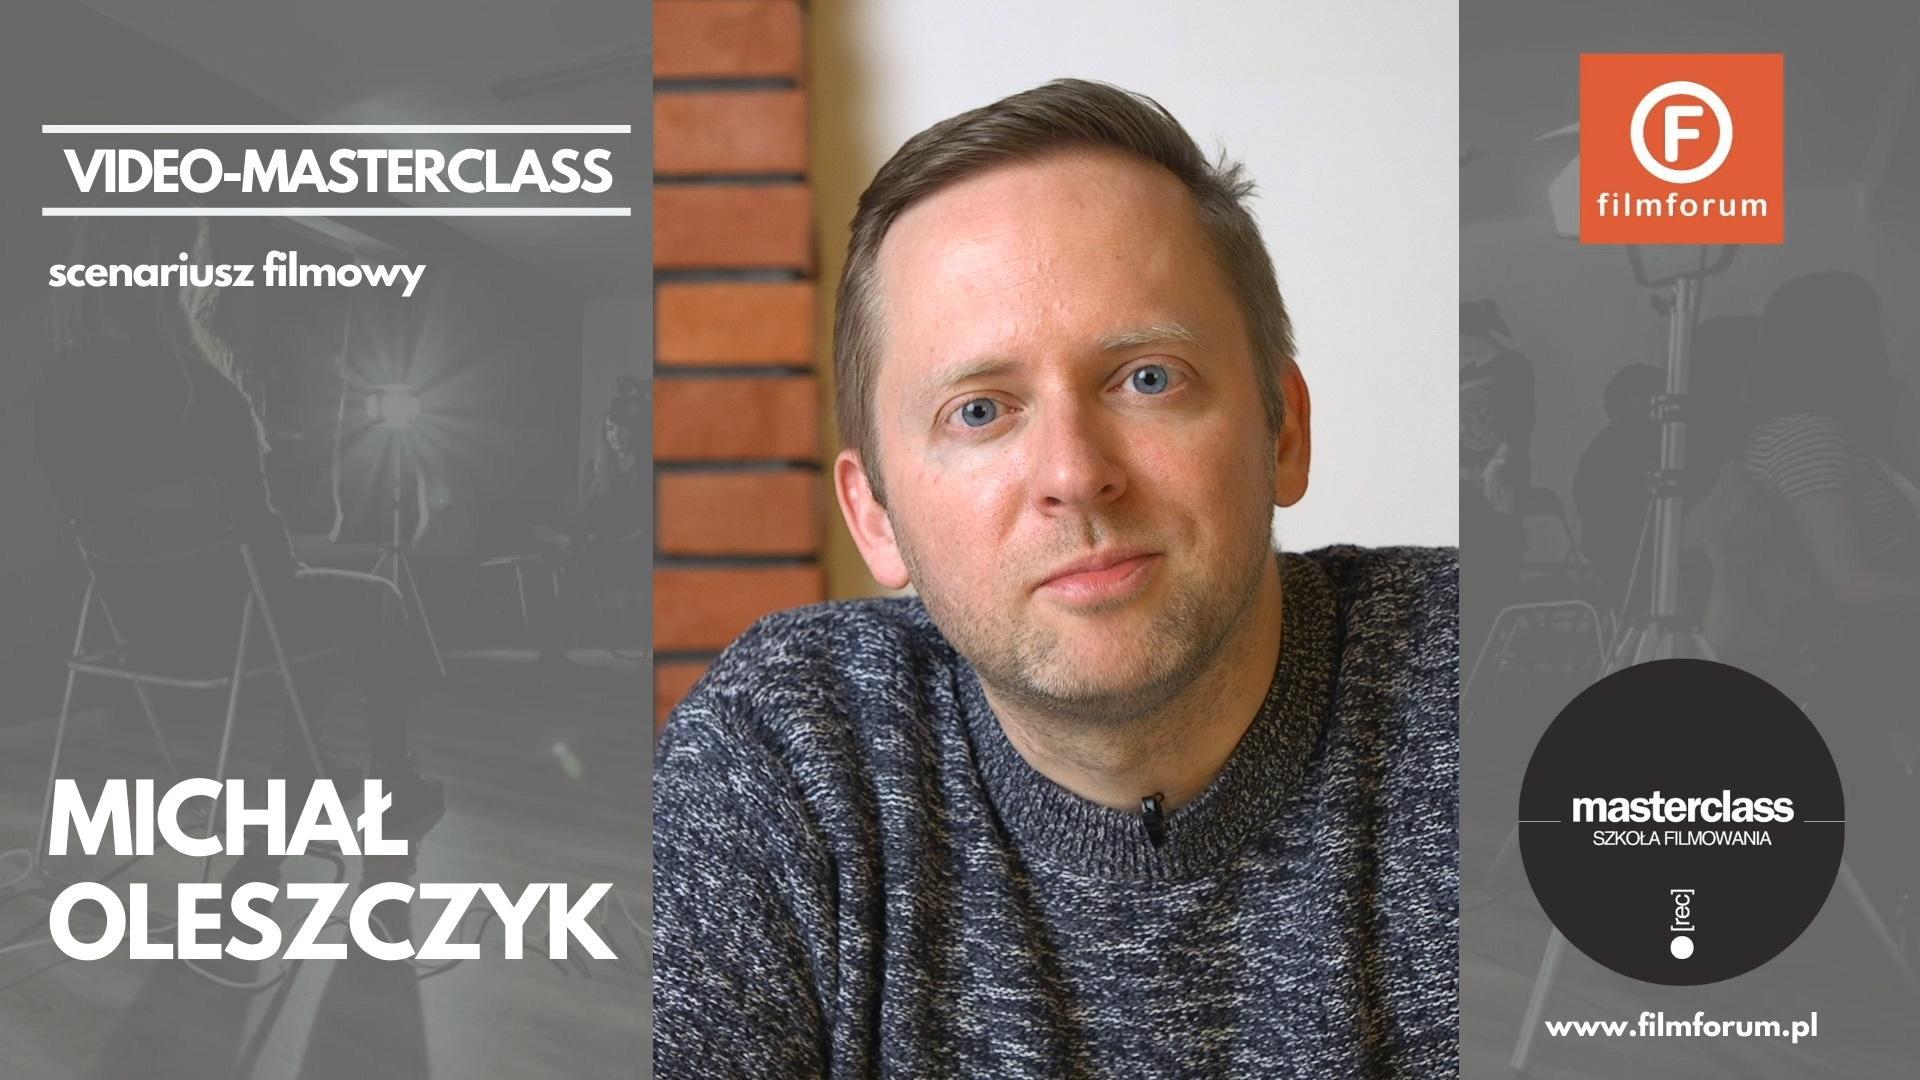 Michał Oleszczyk MASTERCLASS